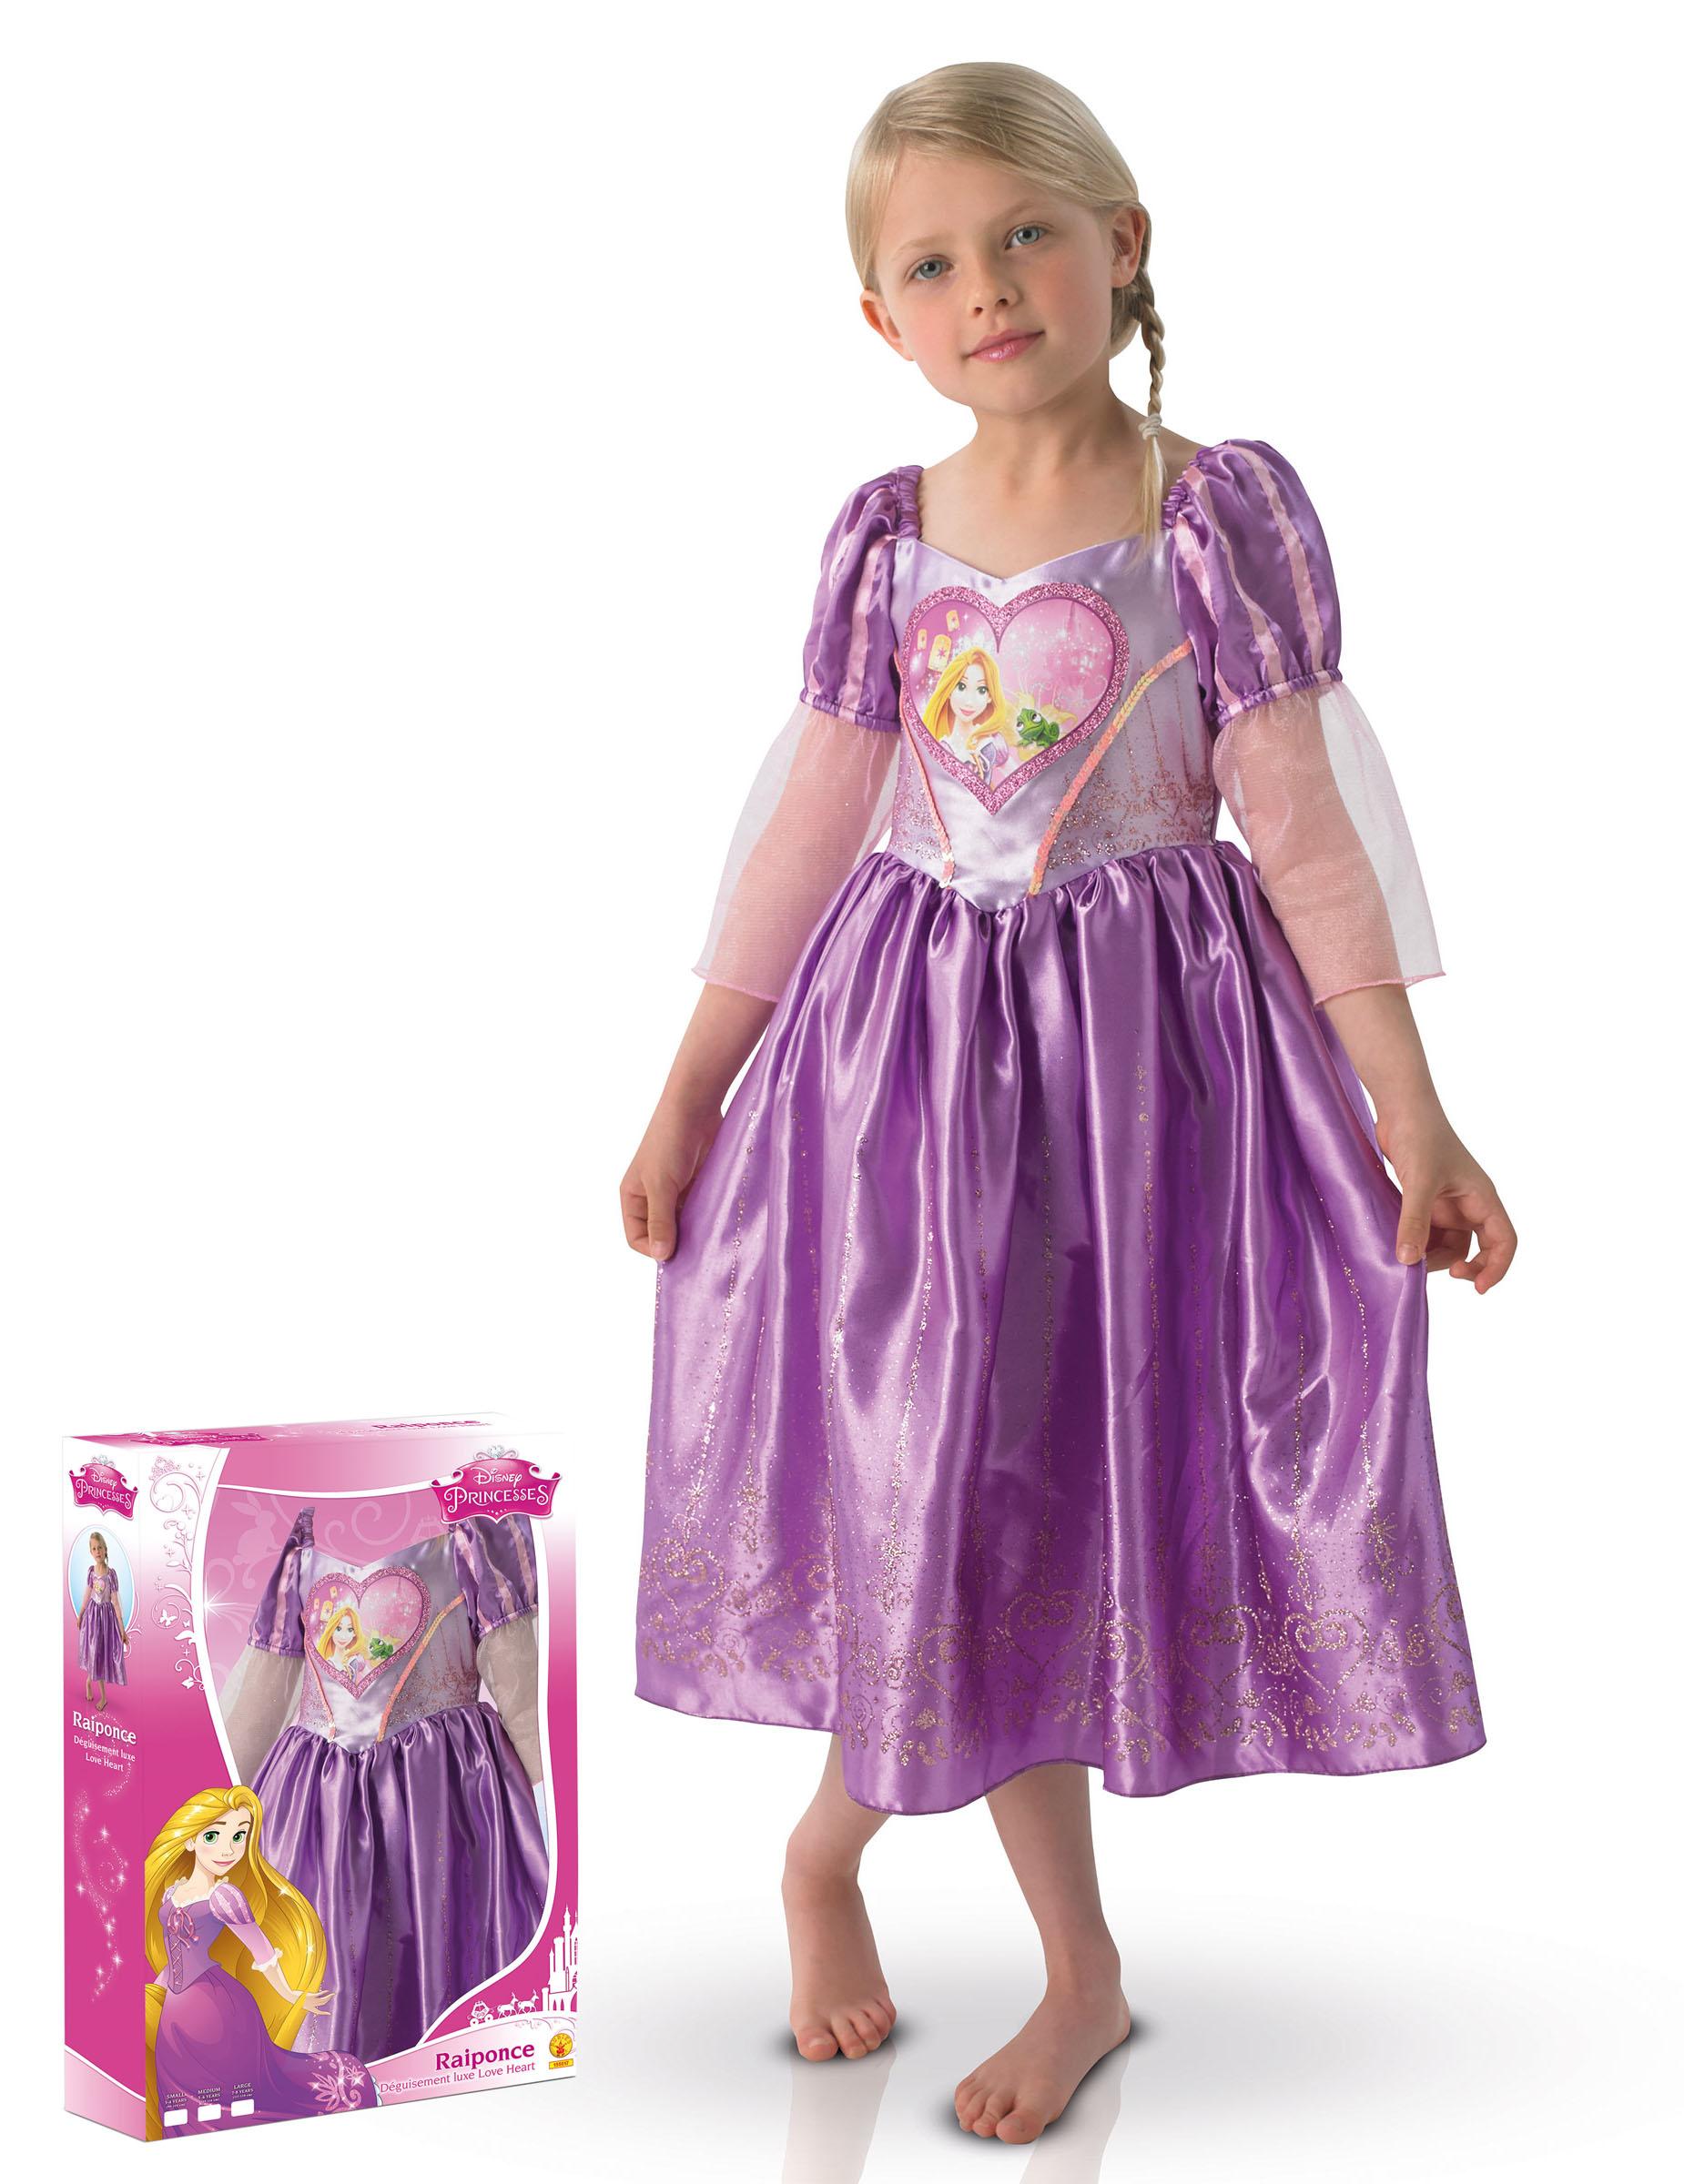 reputazione prima aspetto elegante moda più desiderabile Costume deluxe Rapunzel™ per bimba con cofanetto: Costumi ...